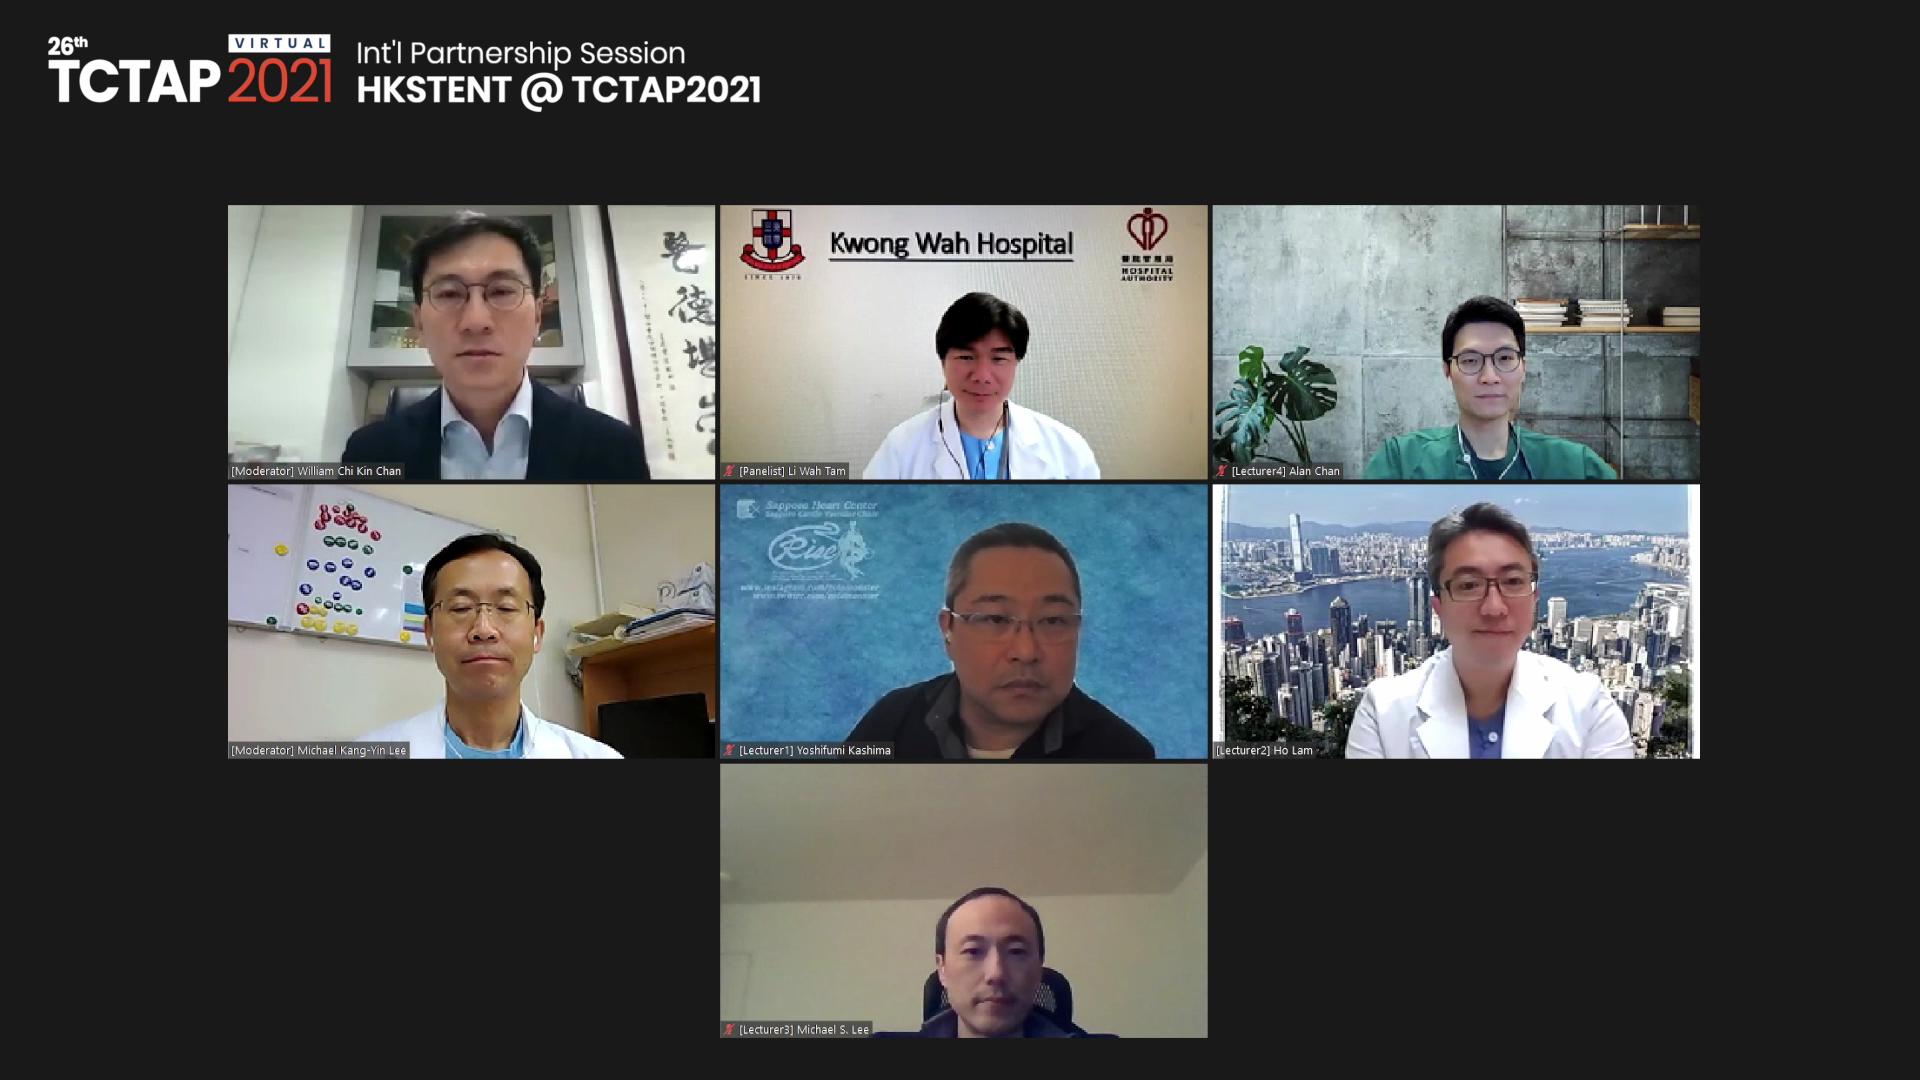 [TCTAP 2021 Virtual] Int'l Partnership Session - HKSTENT @ TCTAP2021